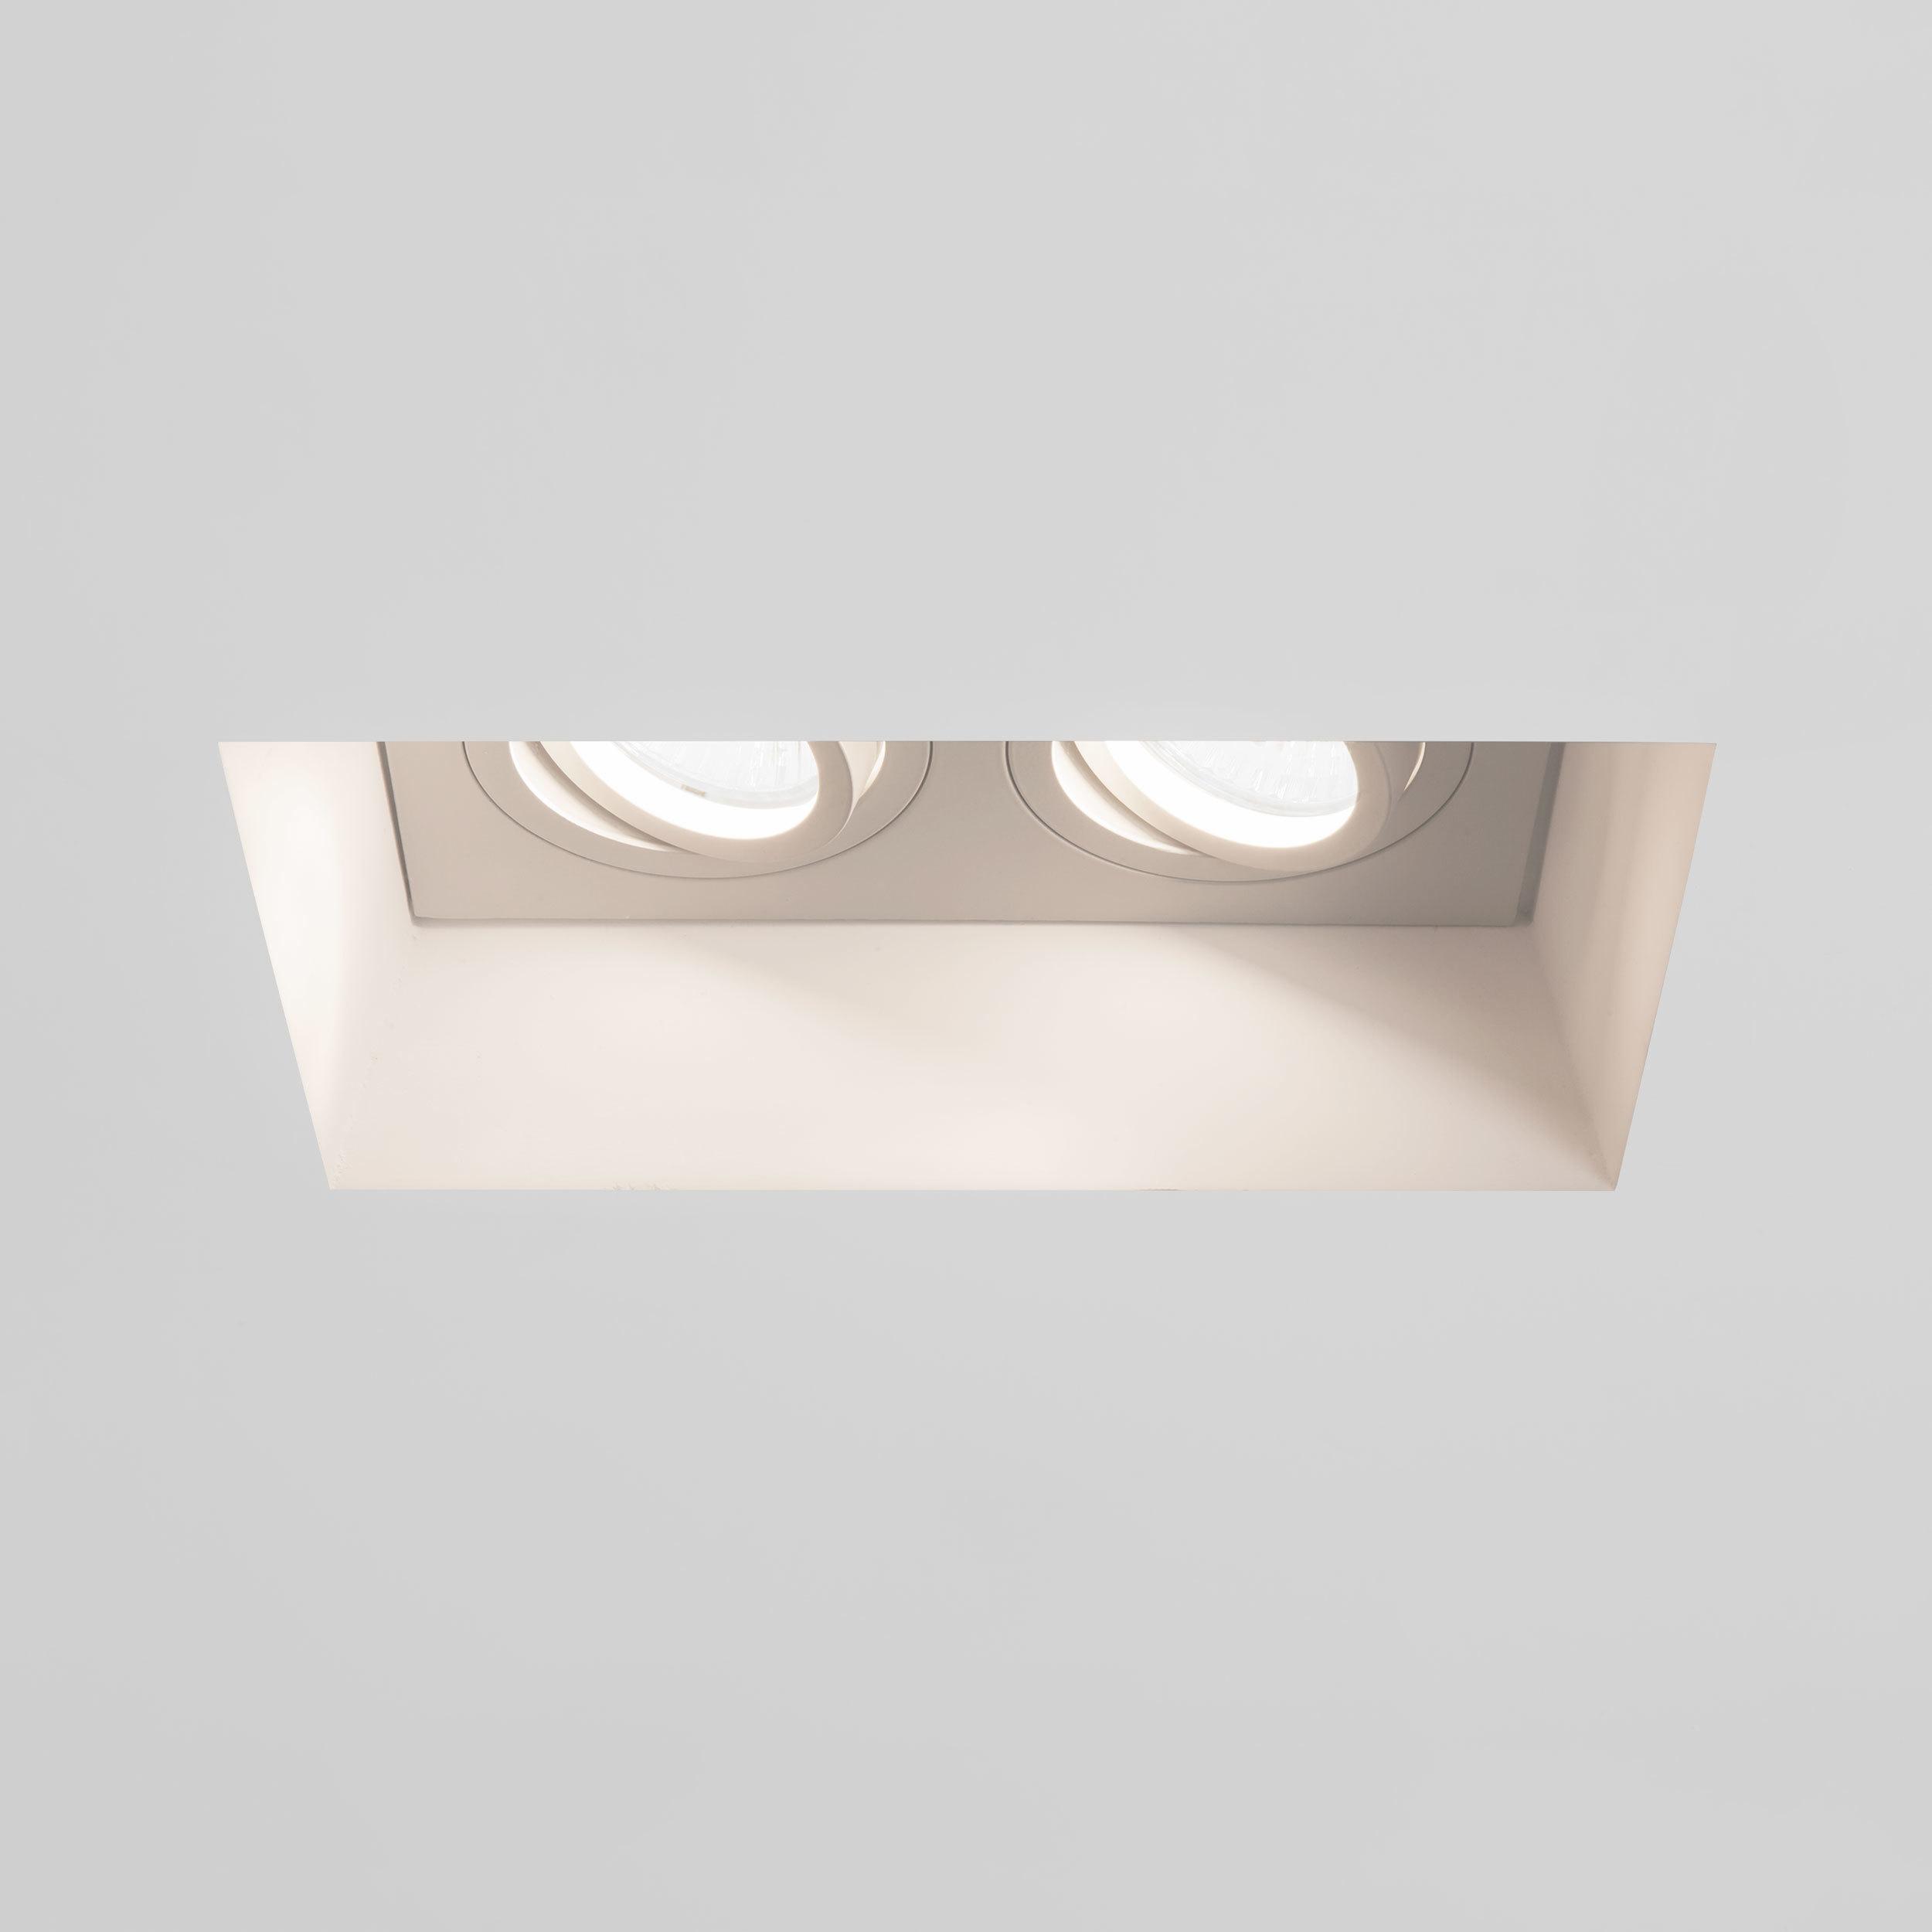 Встраиваемый светильник Astro Blanco 1253006 (7344), 2xGU10x50W, белый, под покраску, гипс, металл - фото 2